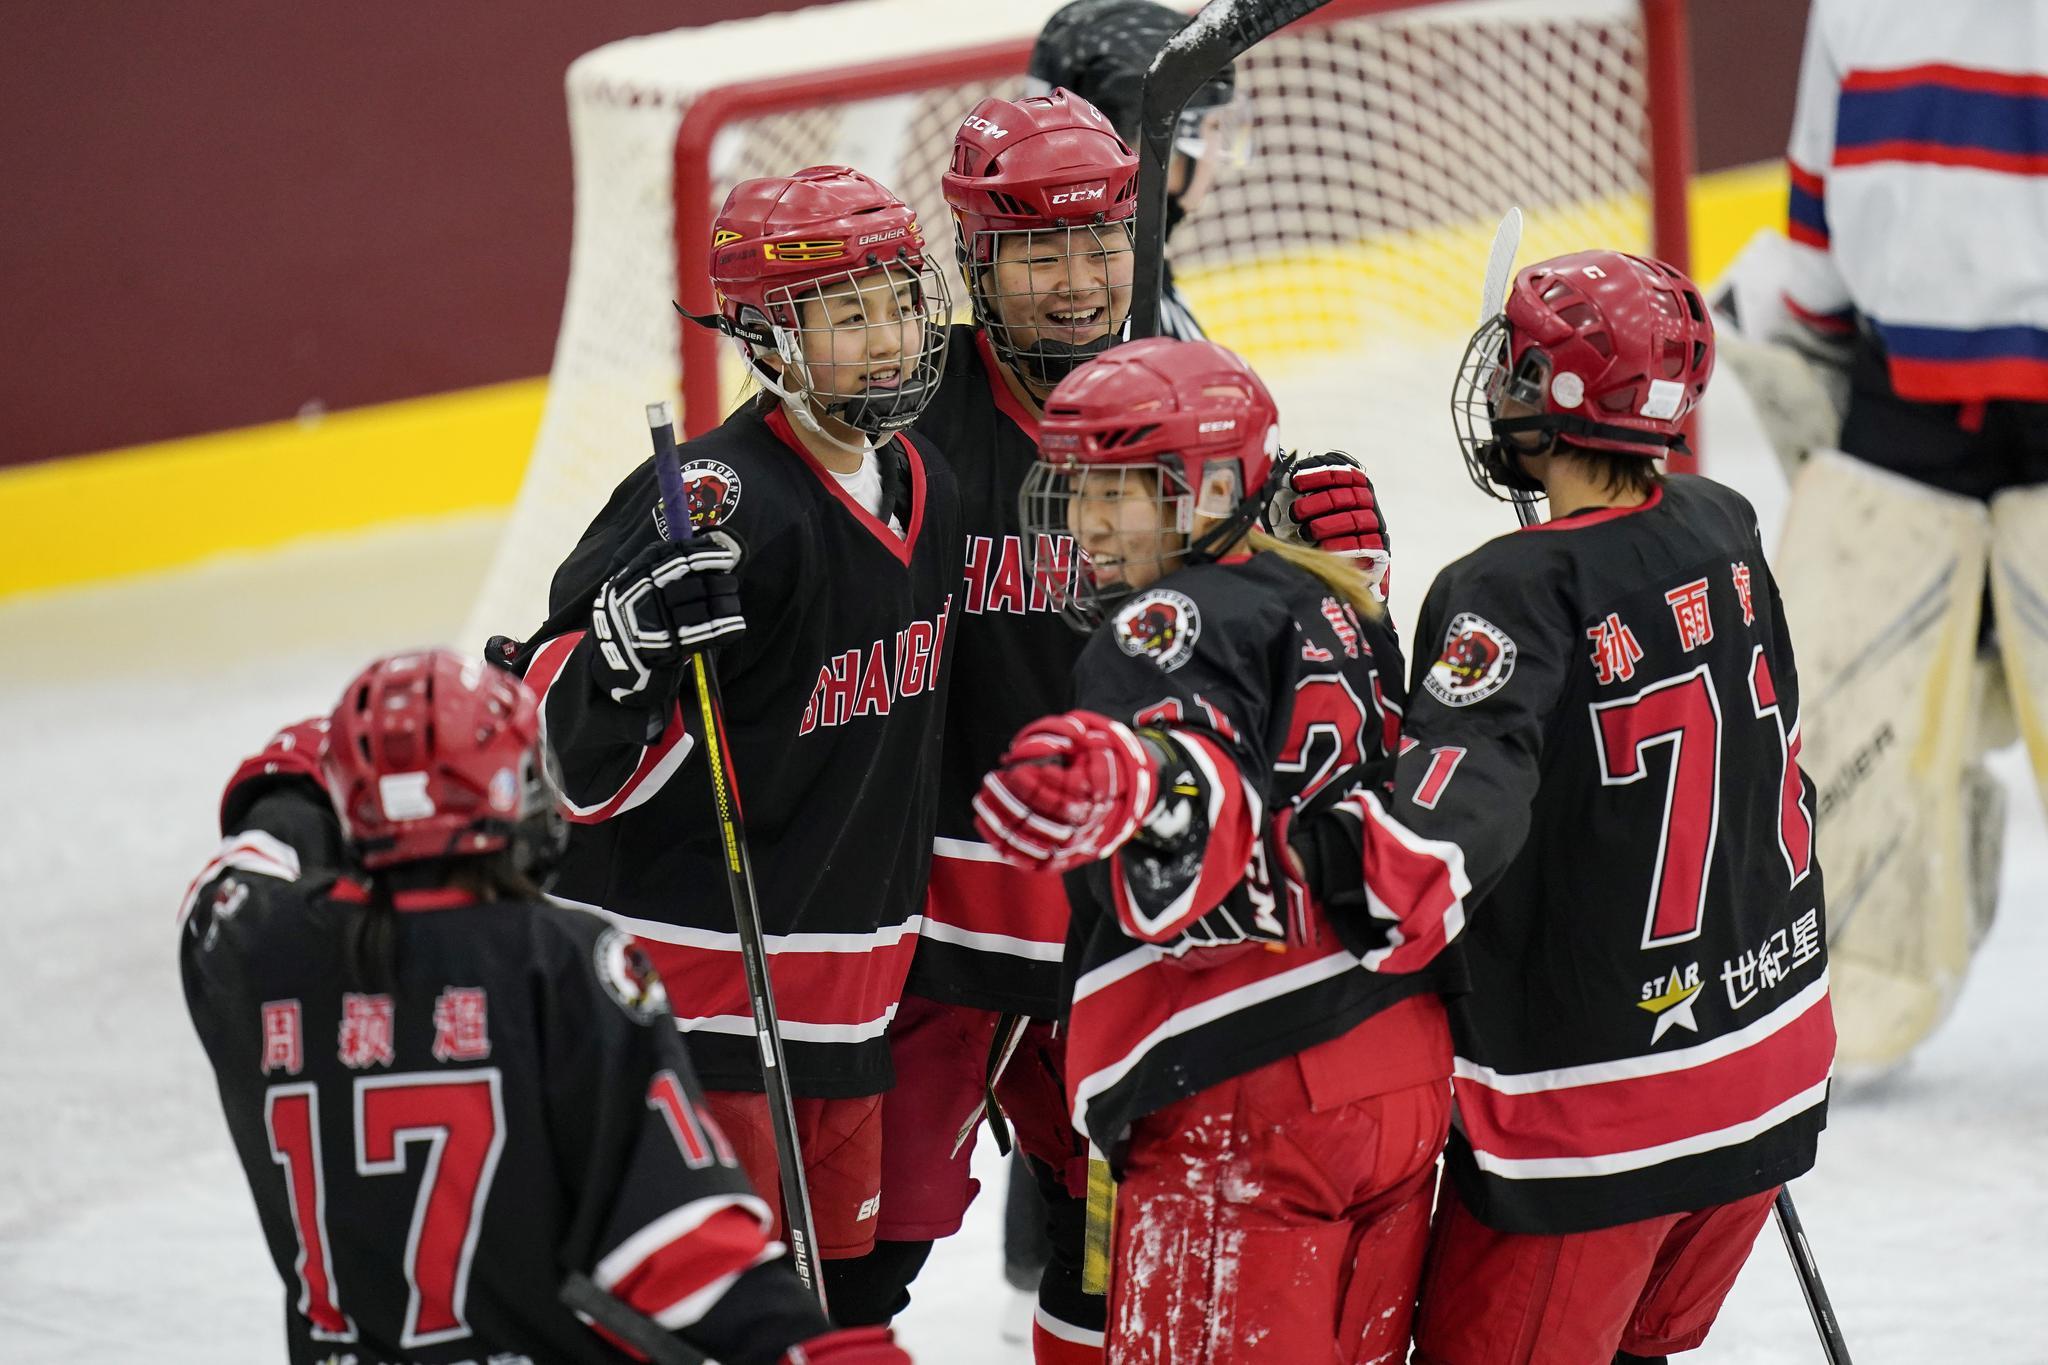 全国冰球锦标赛女子组 上海队与哈尔滨队会师决赛